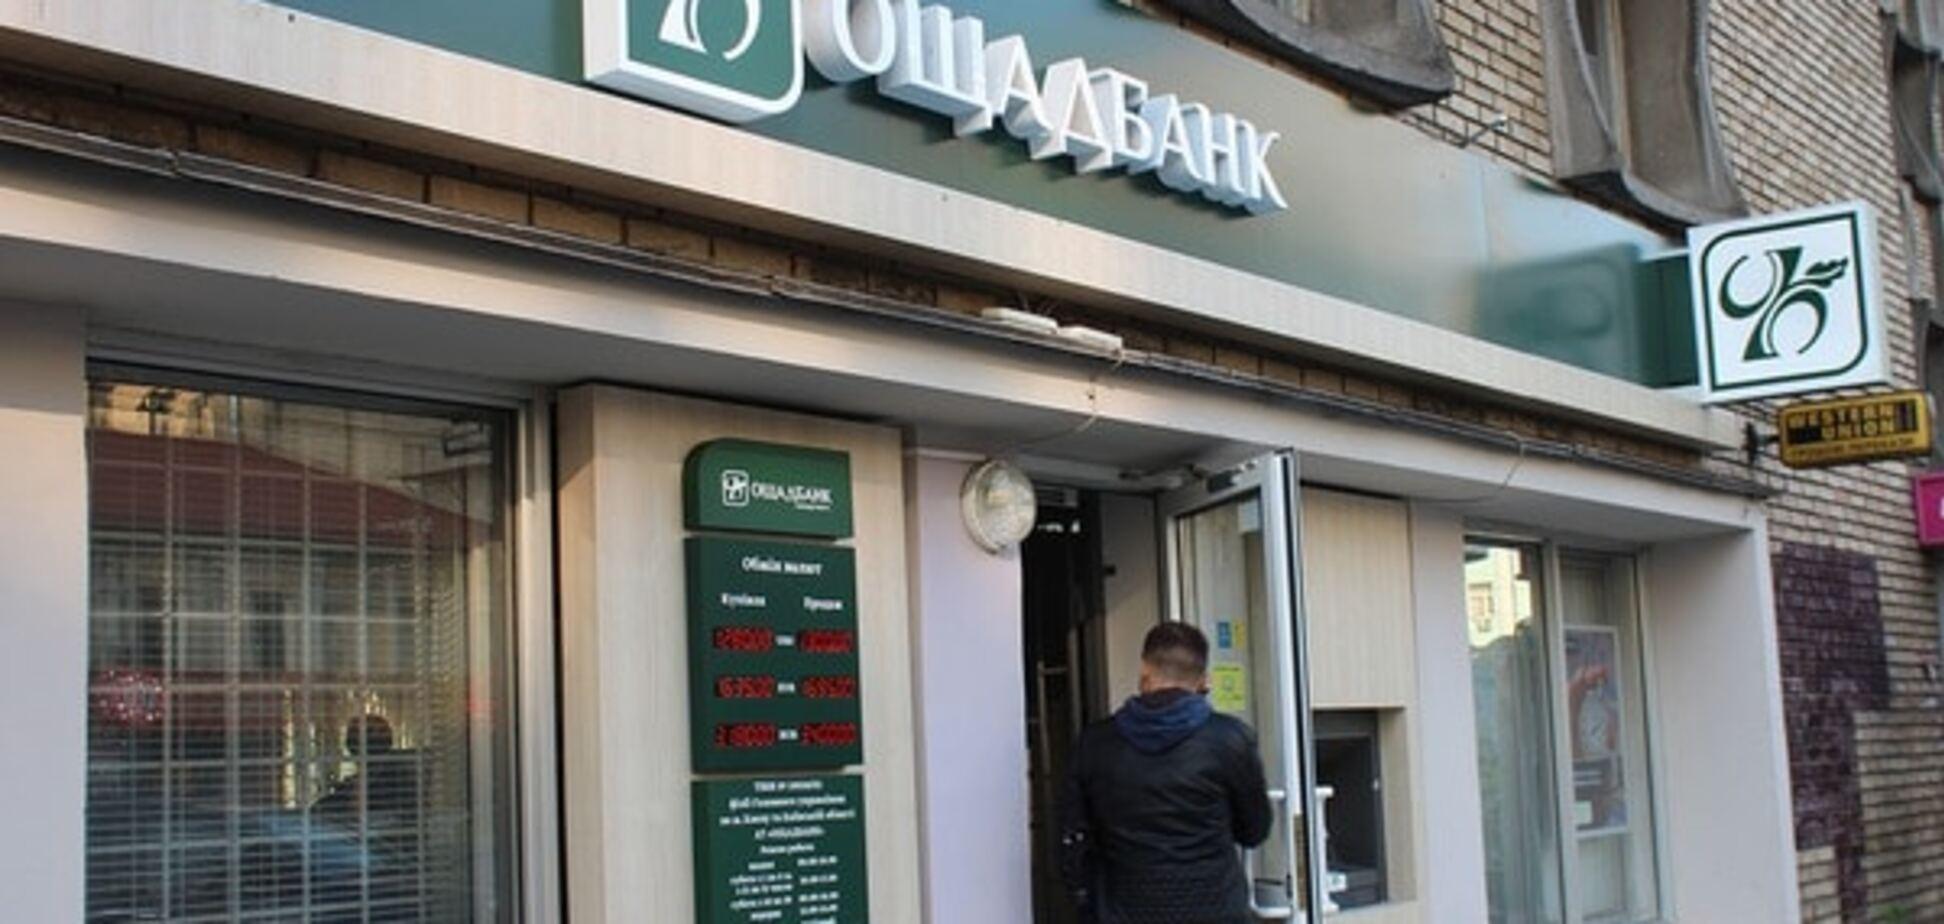 'Ощадбанк' поведет Россию в международный арбитраж